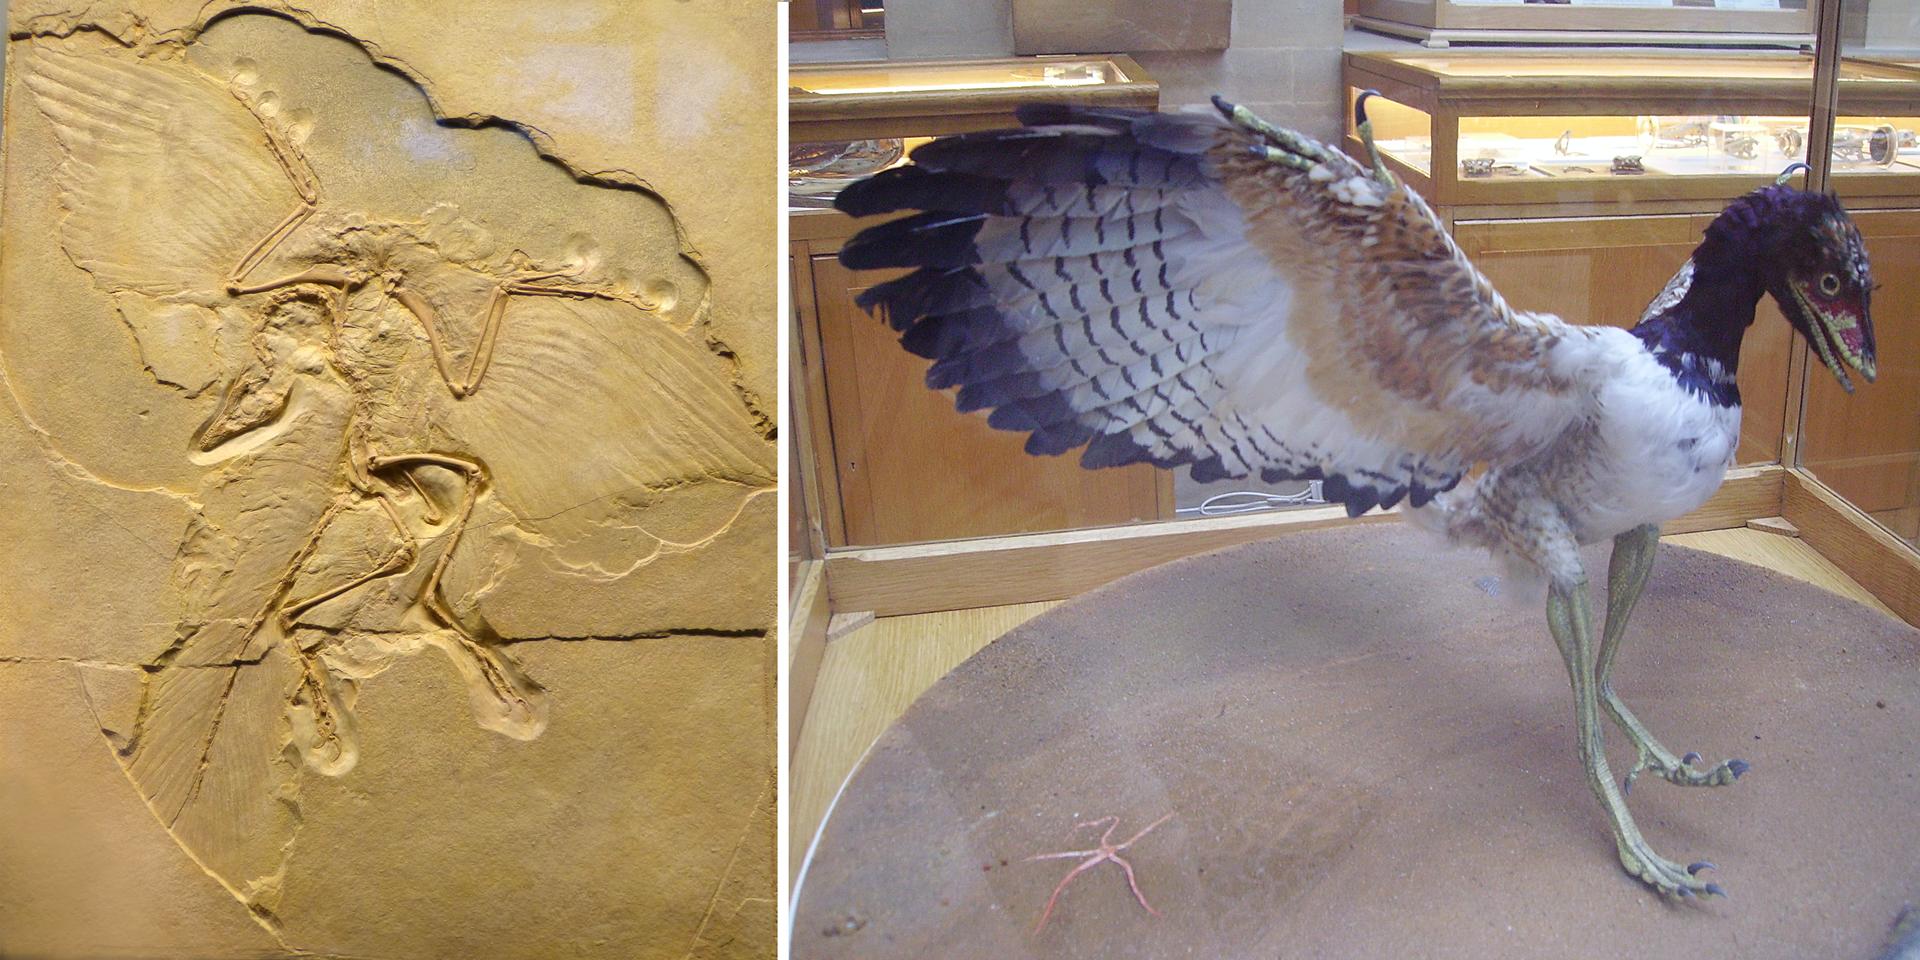 Fotografia przedstawiająca skamielinę Archaeopteryxa oraz wypchany eksponat Archaeopteryxa.